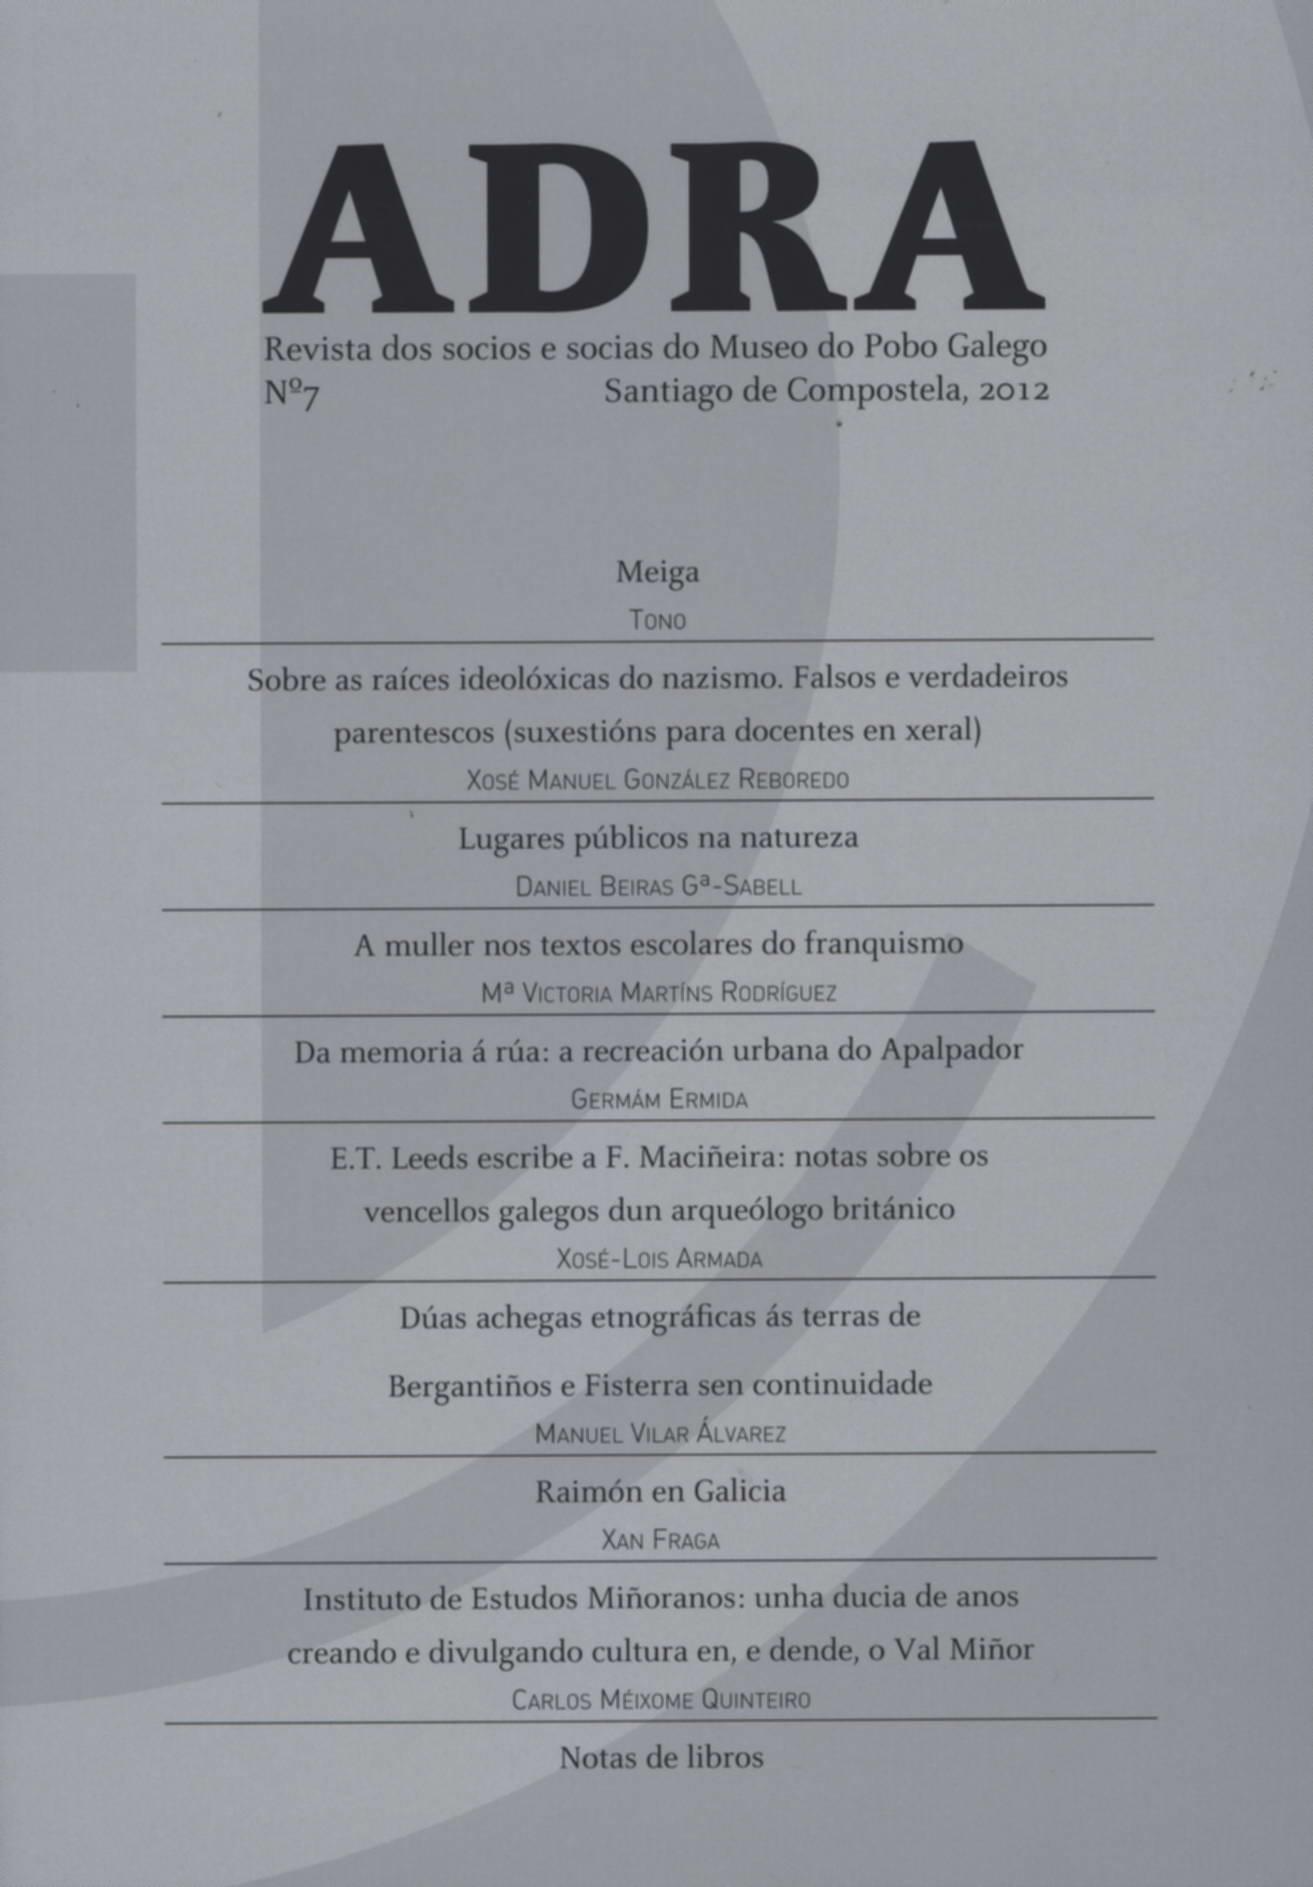 A revista dos socios do Museo do Pobo publica o seu número de 2012